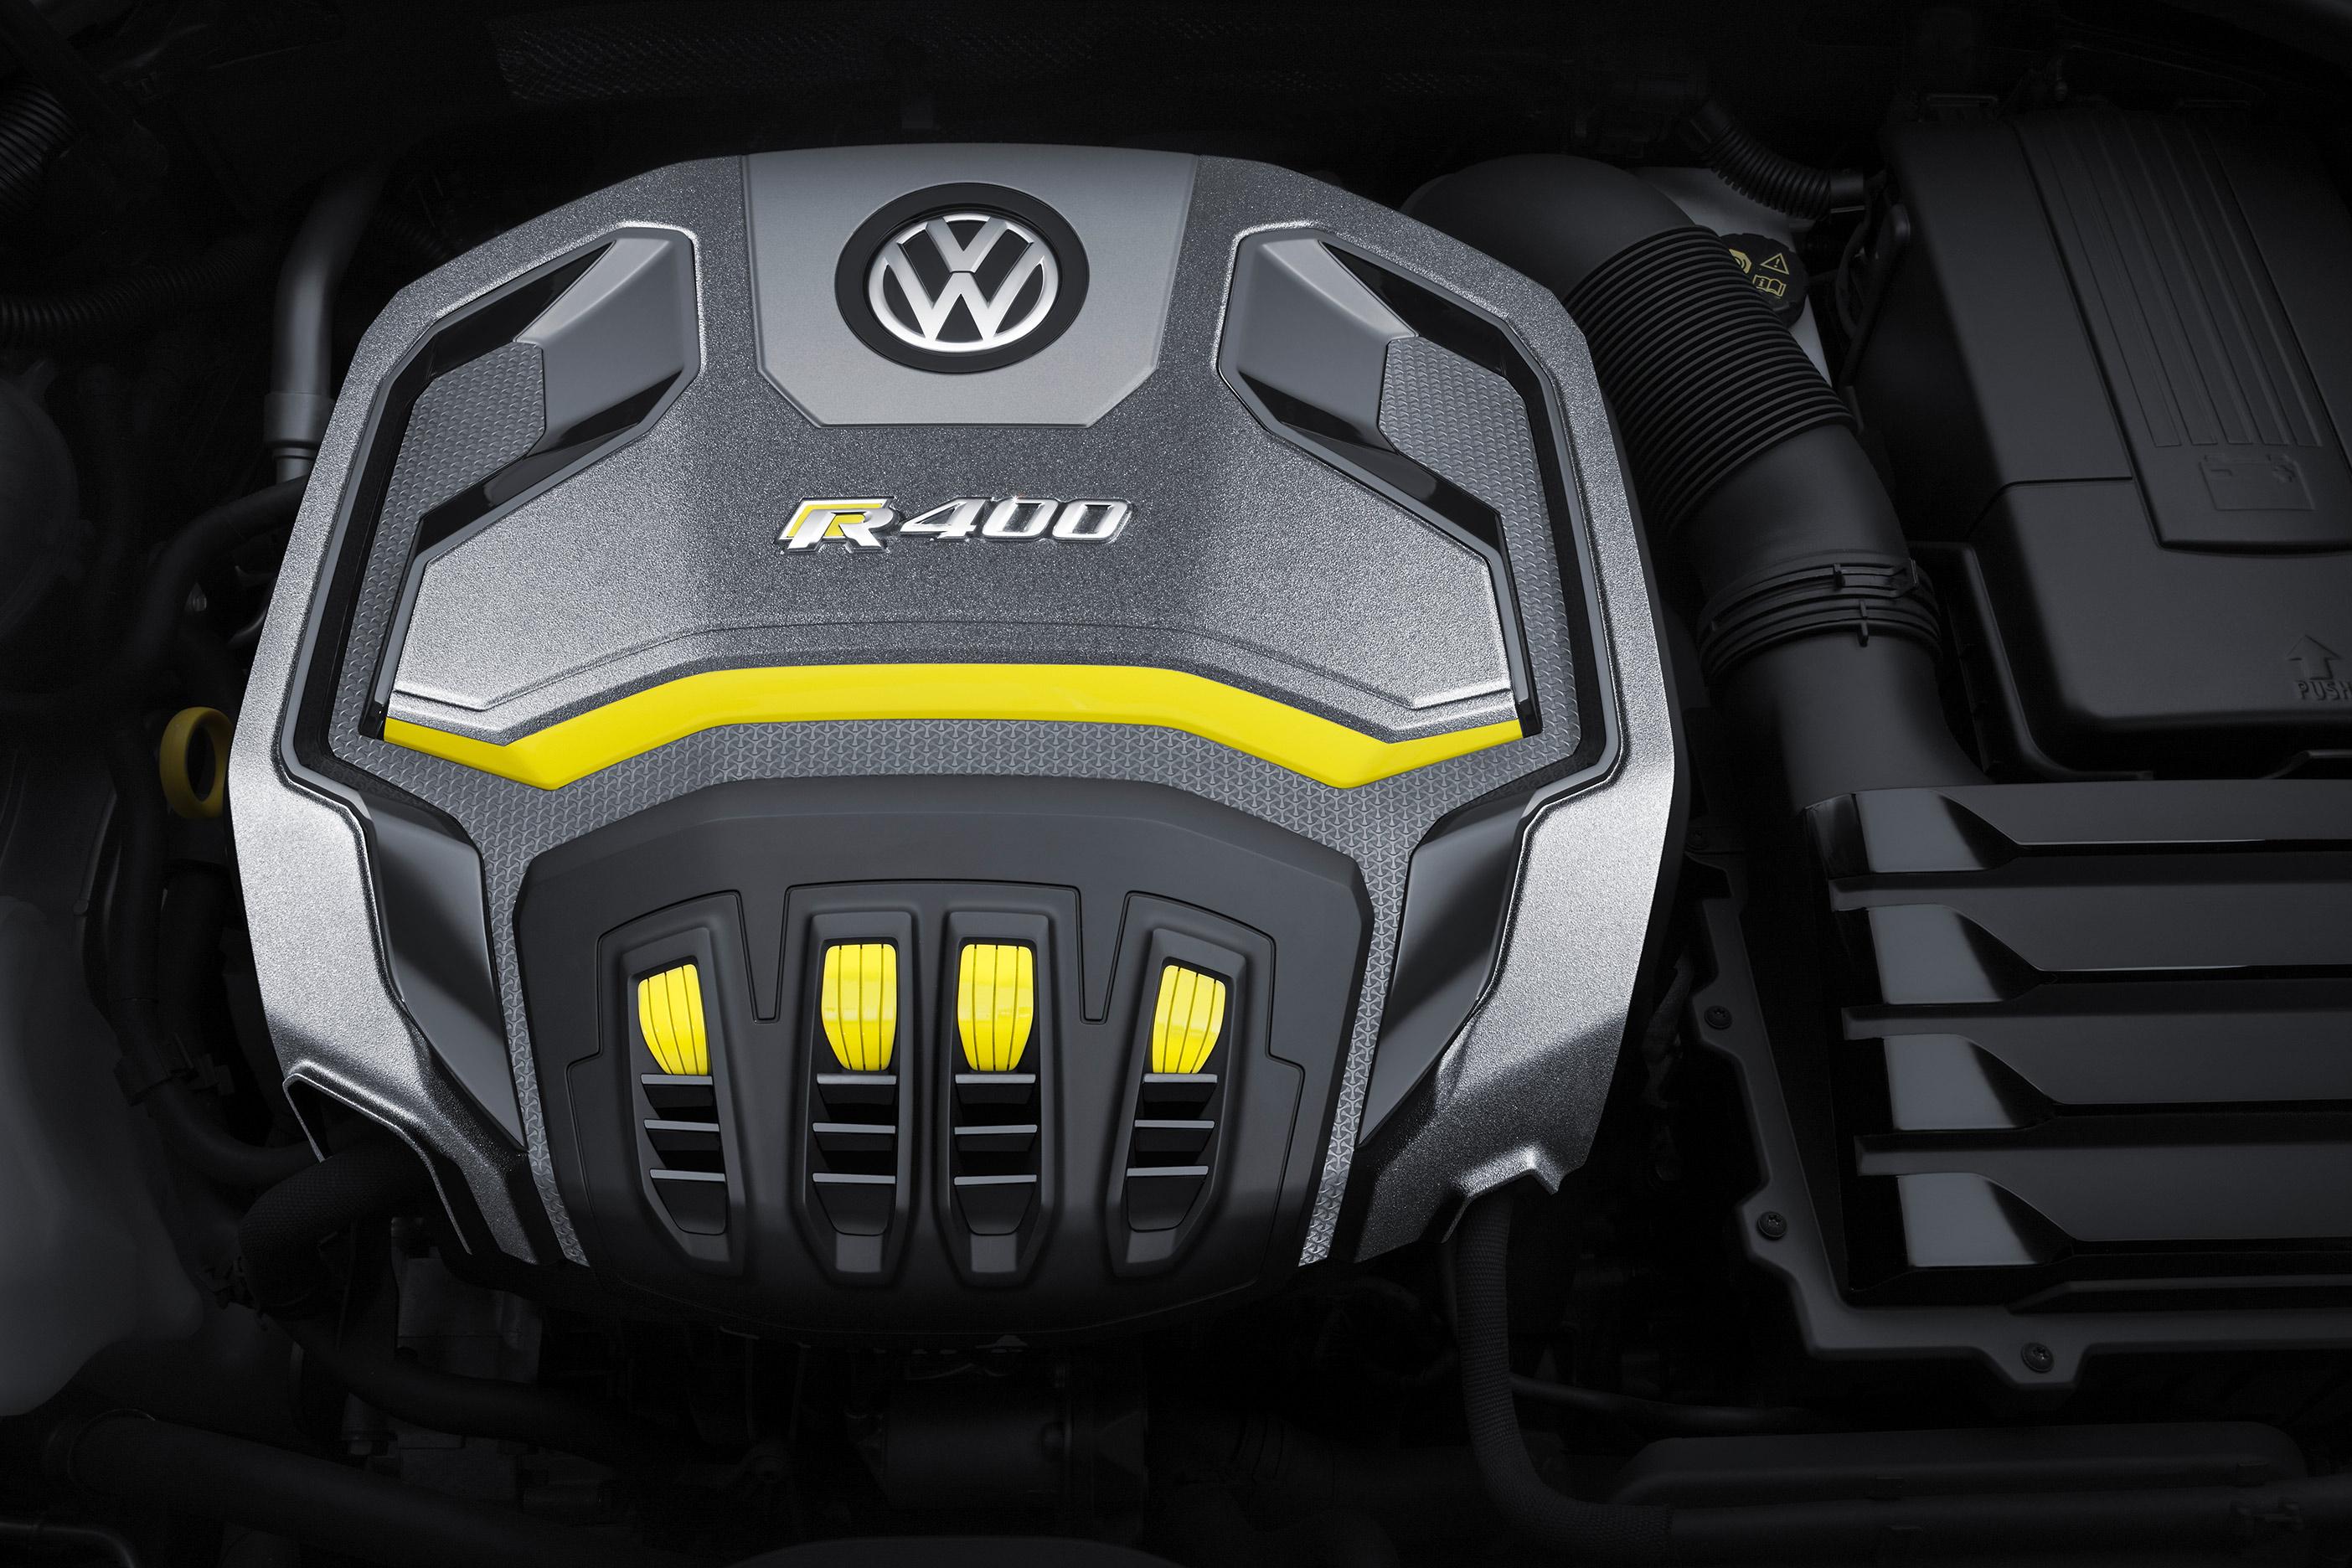 volkswagen-r400-7